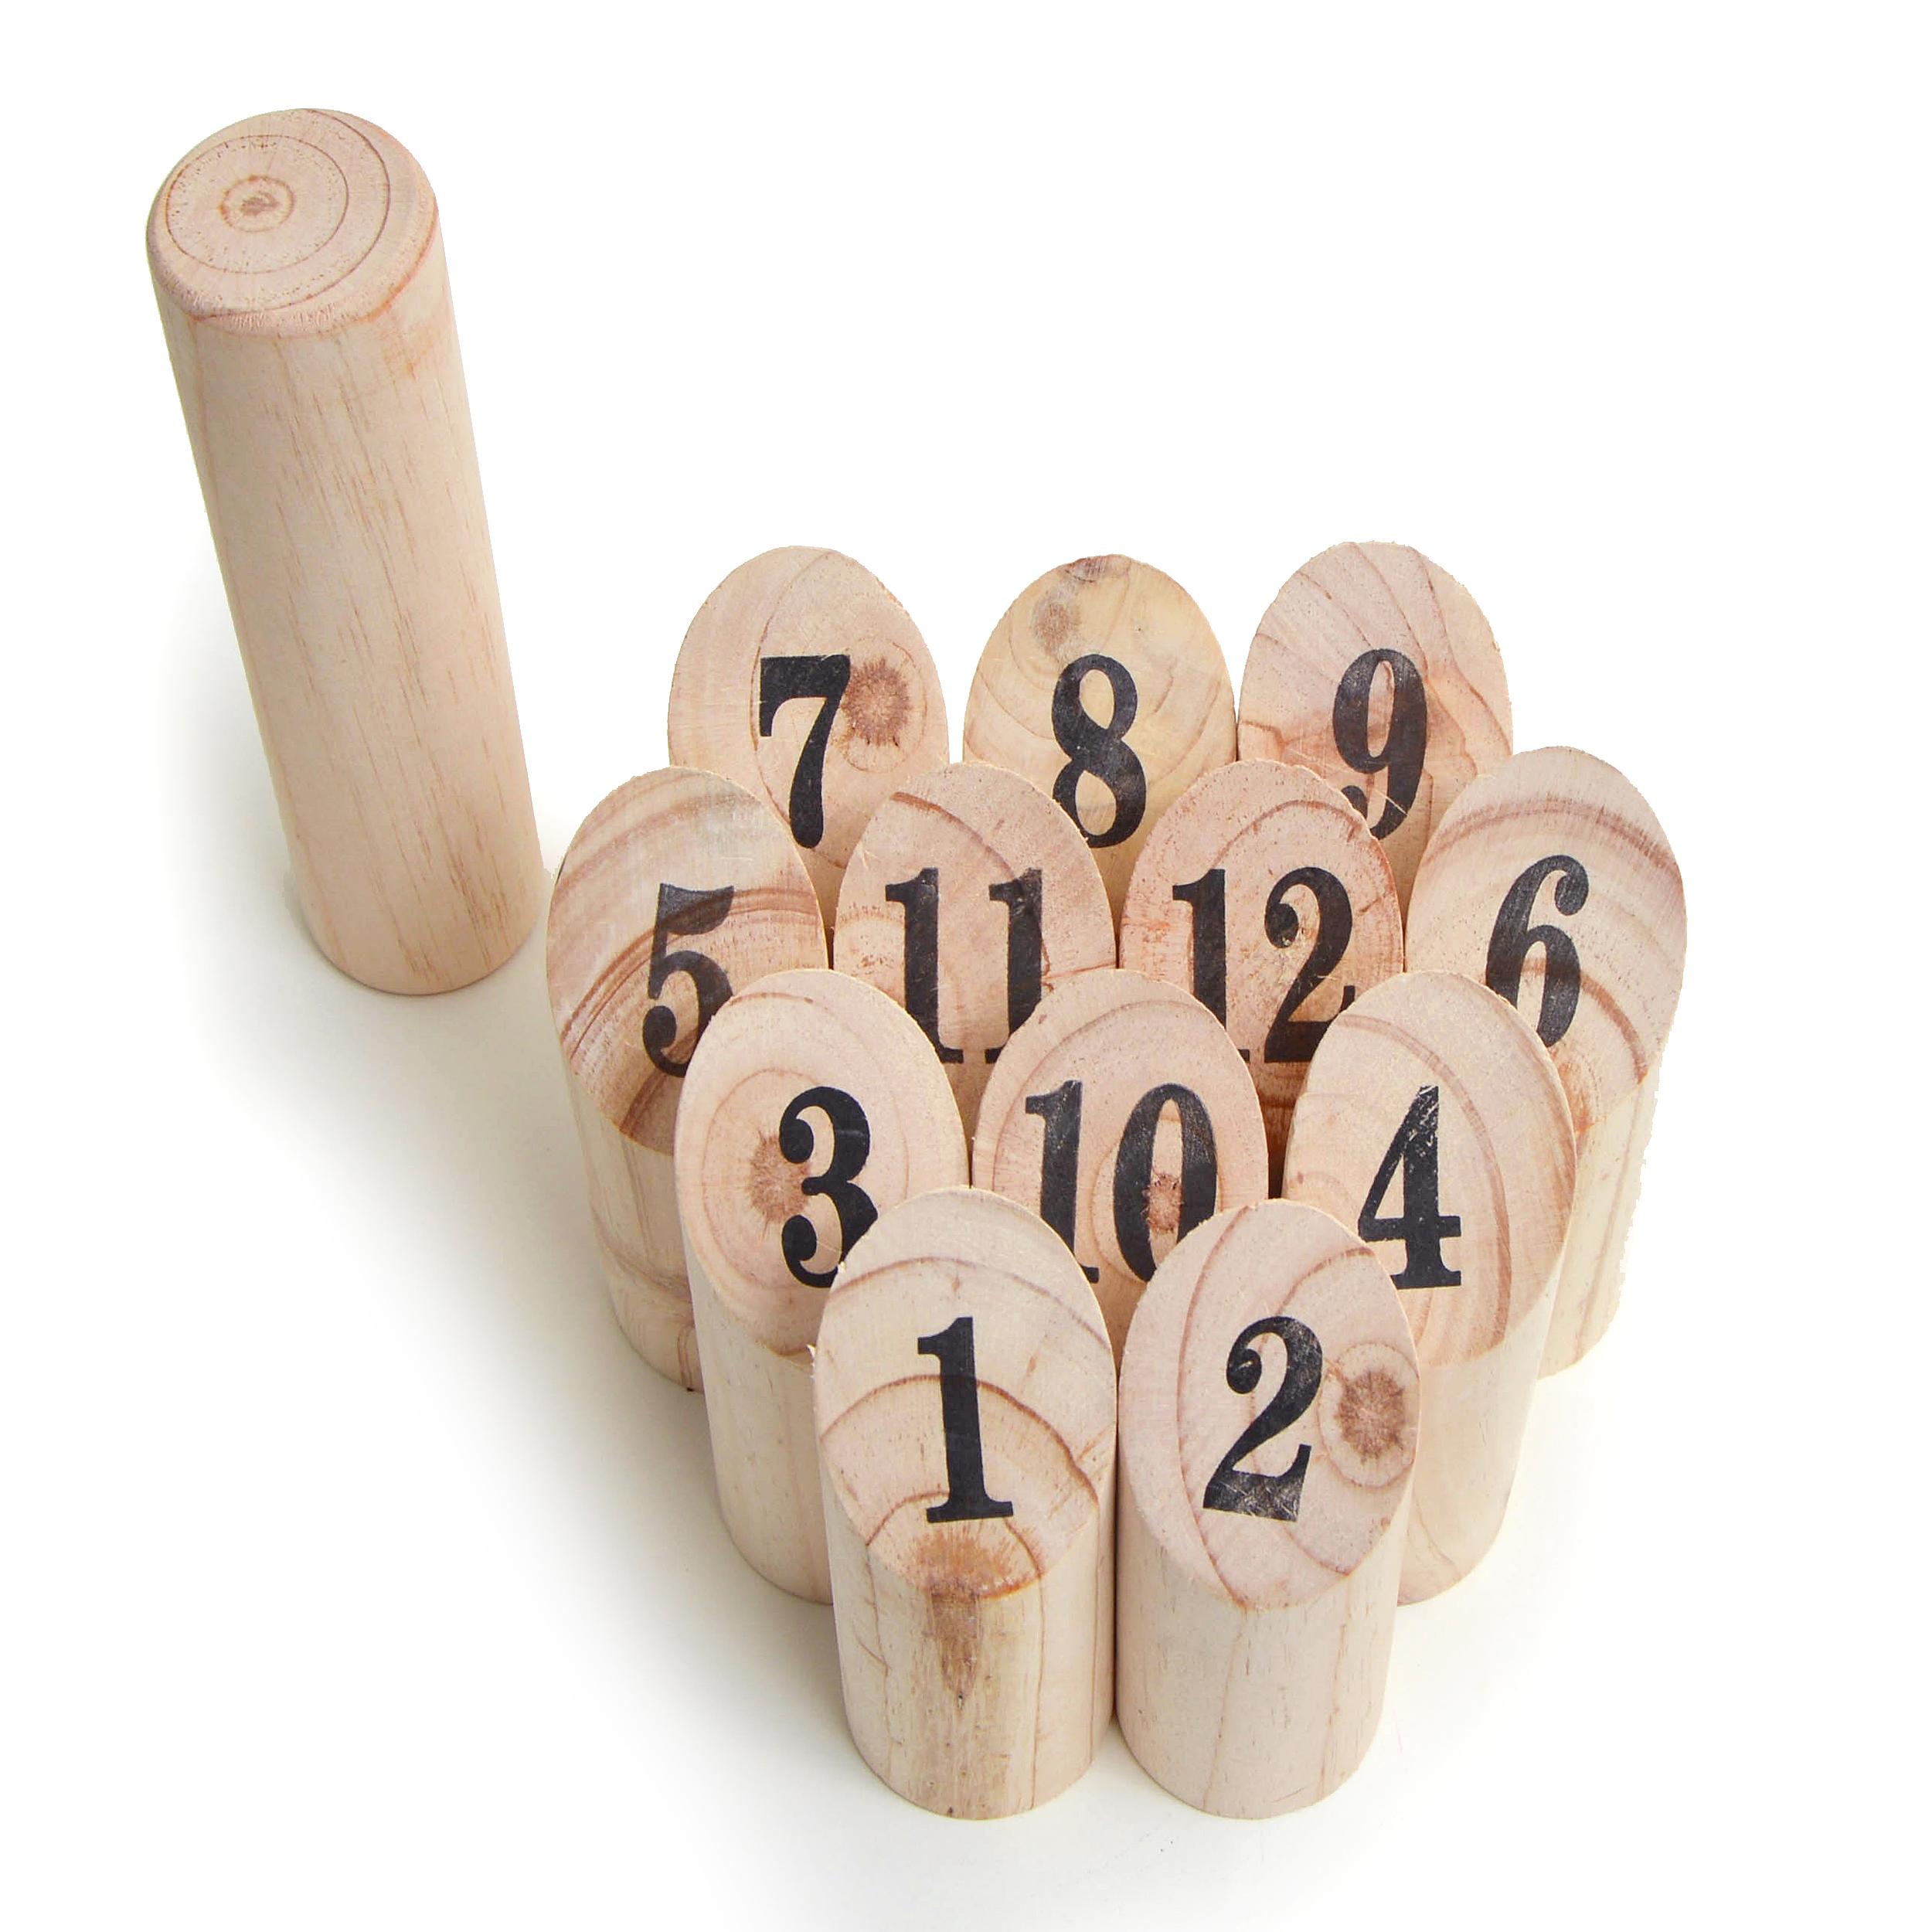 Nummern Kubb - das Zahlen Wurfspiel für draußen